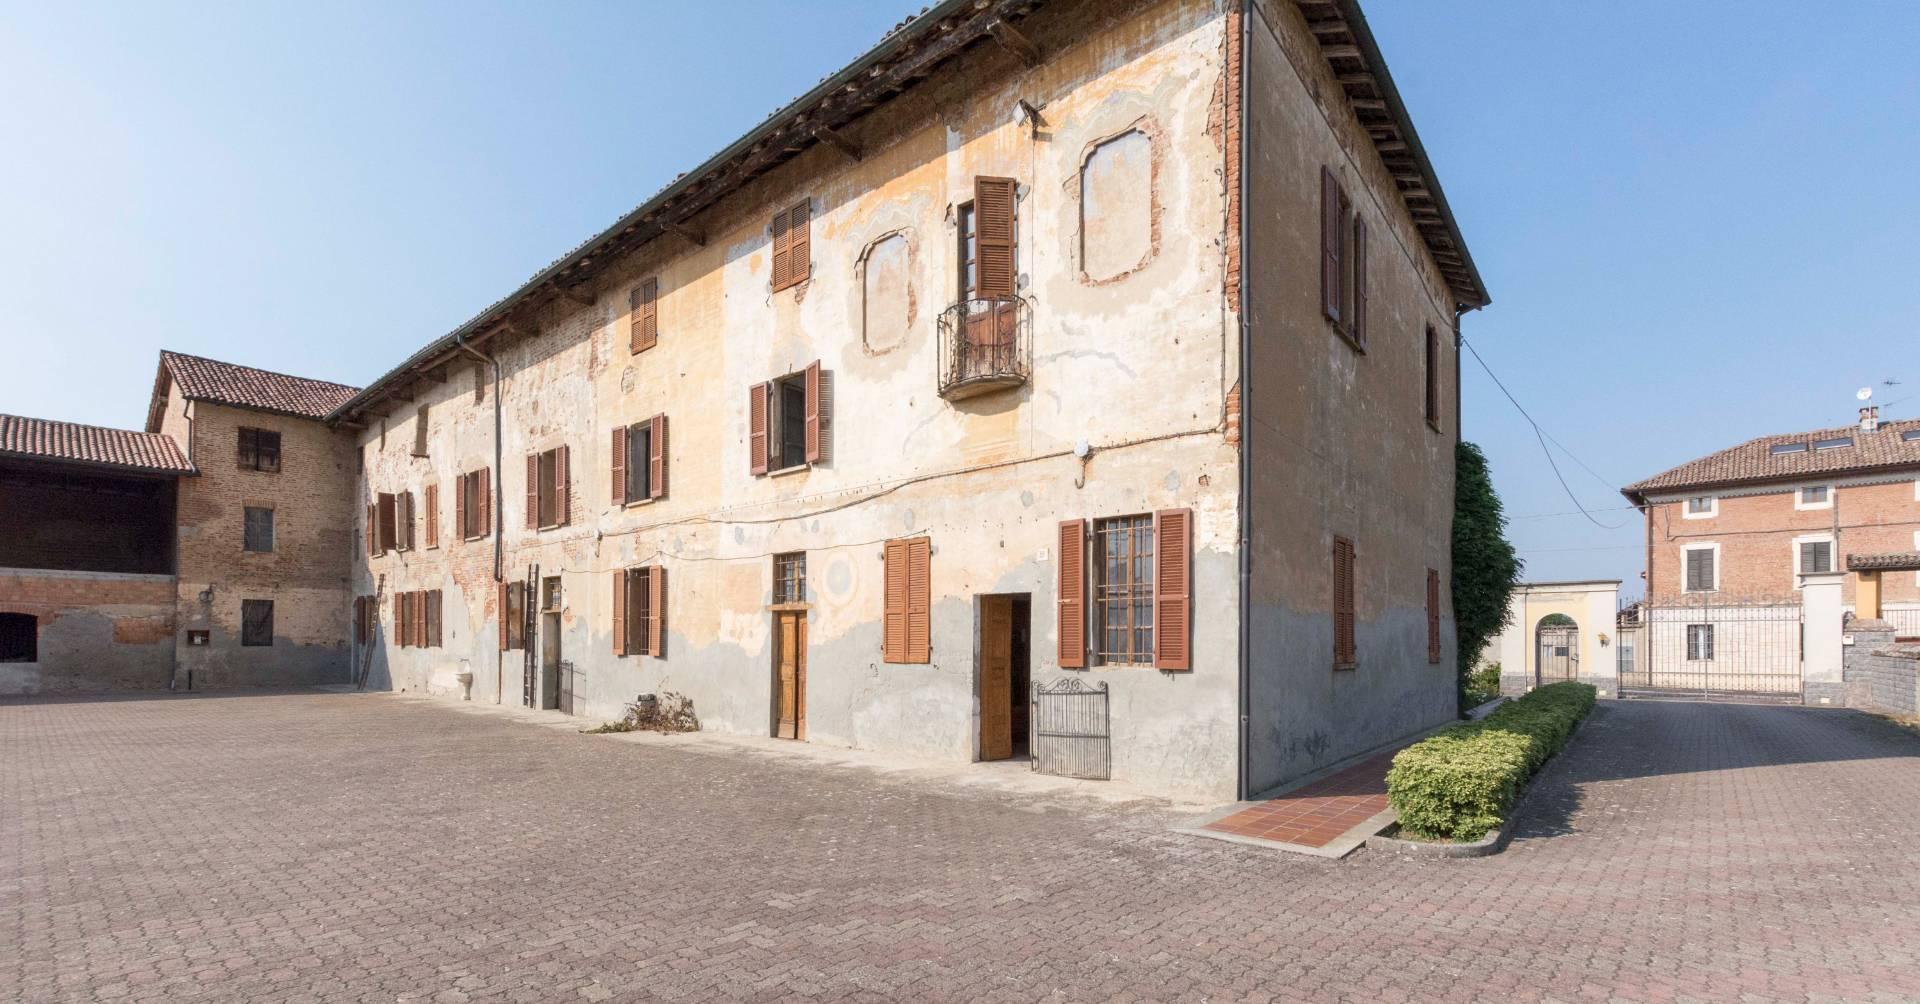 Palazzo / Stabile in vendita a Lomello, 30 locali, prezzo € 135.000 | PortaleAgenzieImmobiliari.it